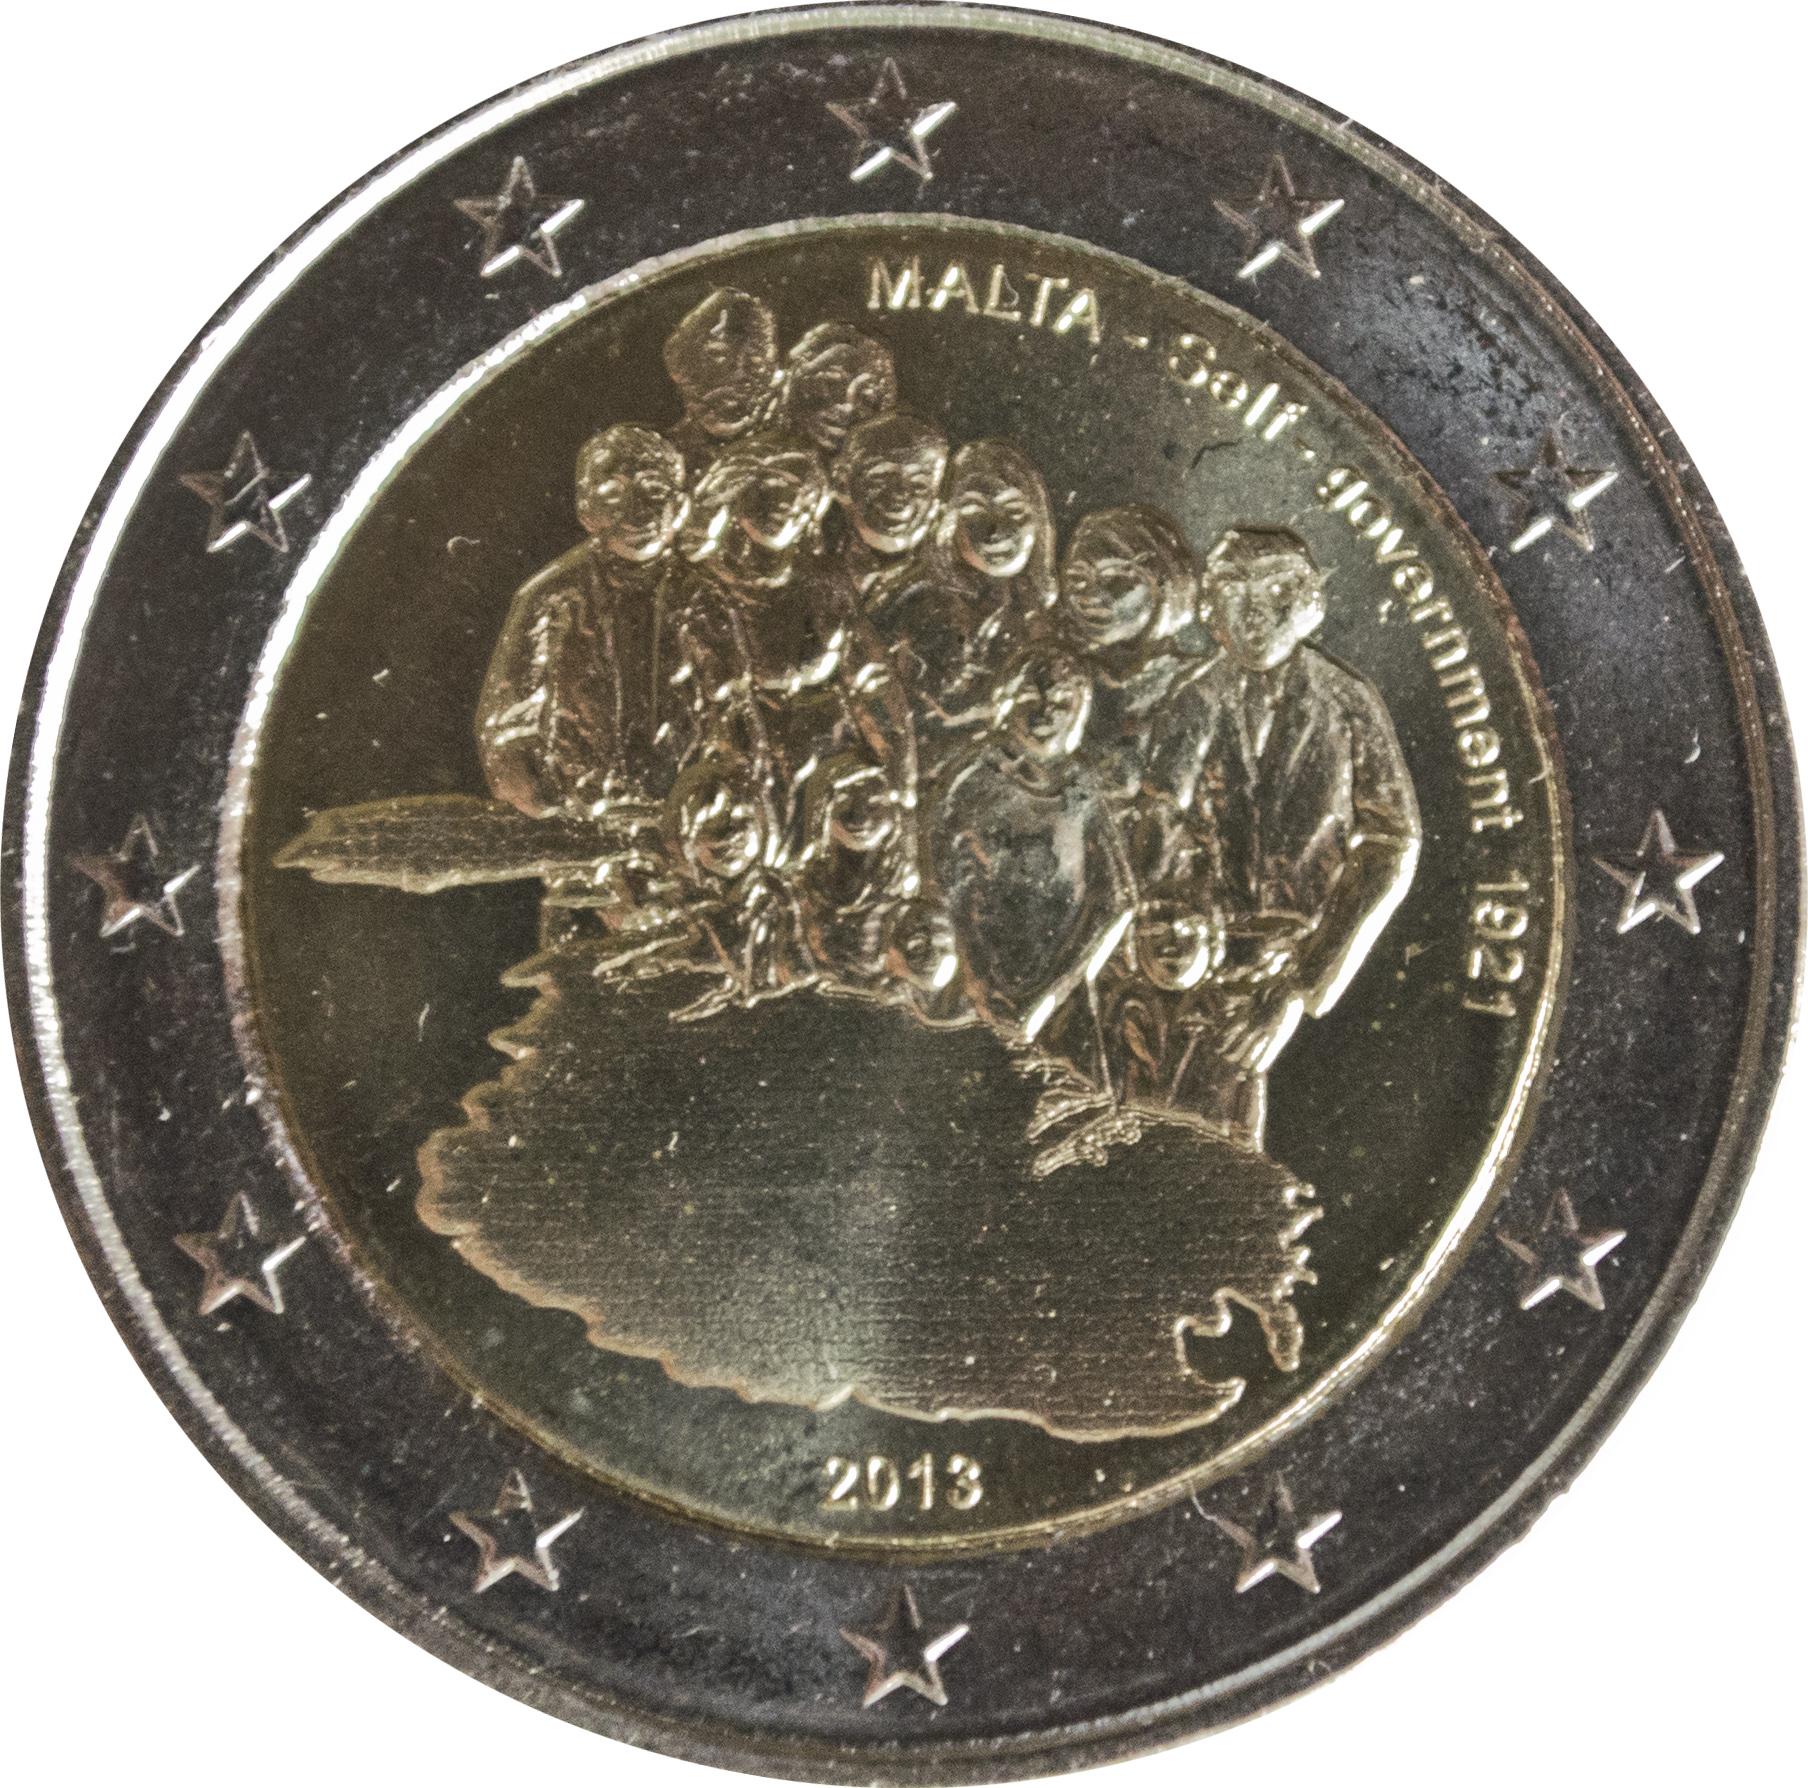 Malta 2 Euro 1921 Self Government  commemorate   UNC 2013